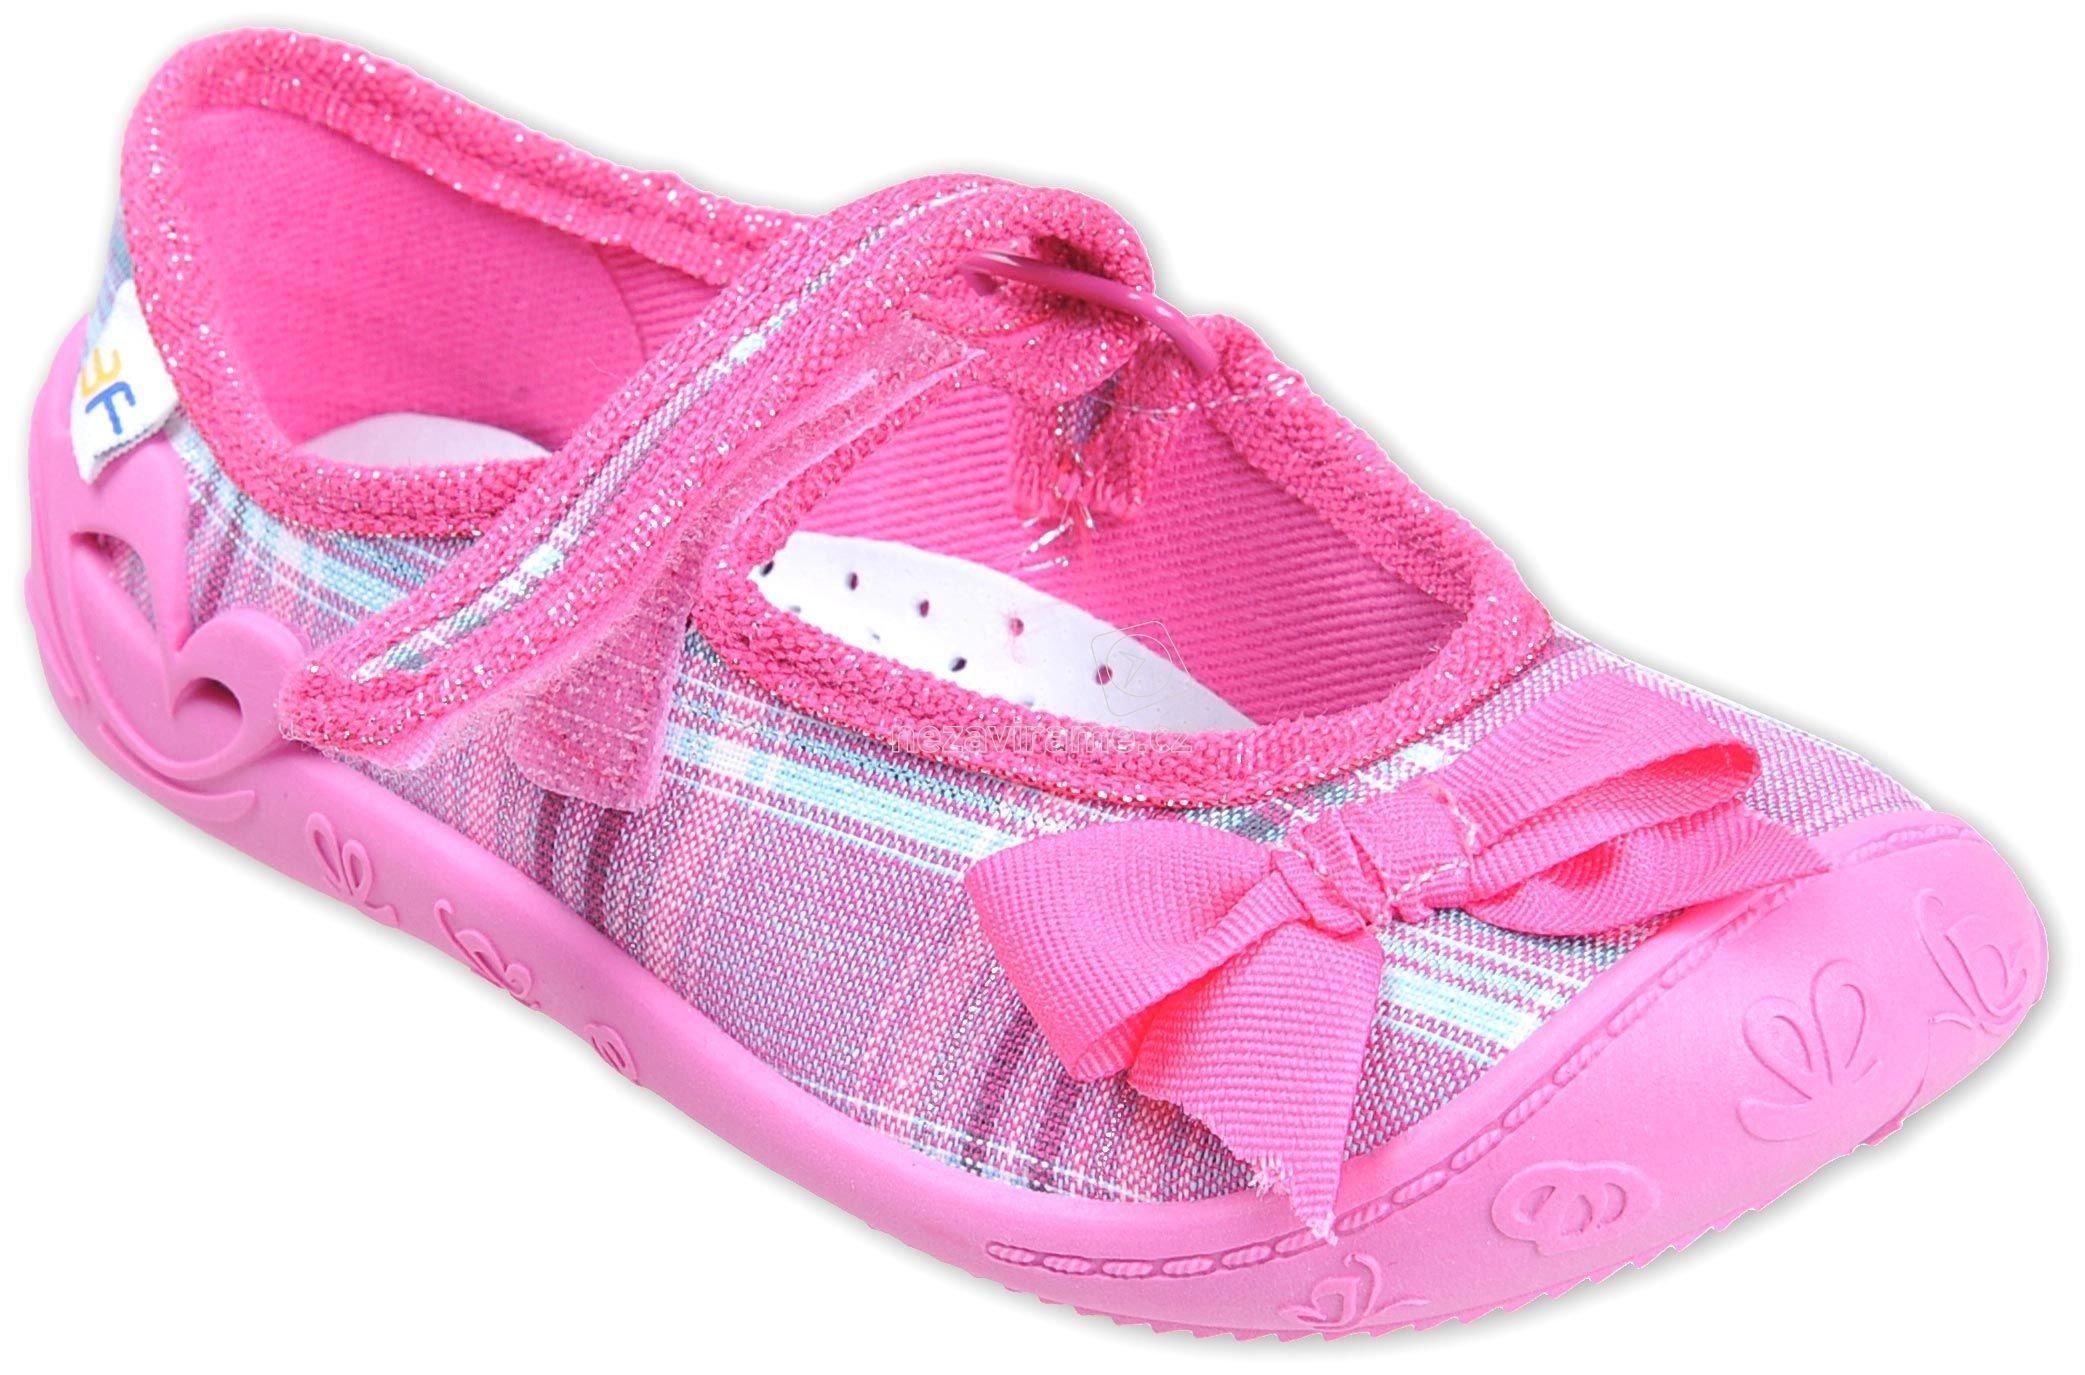 7bab3c9fa50 Dětské boty na doma MB 4A2 5 růžová mašle